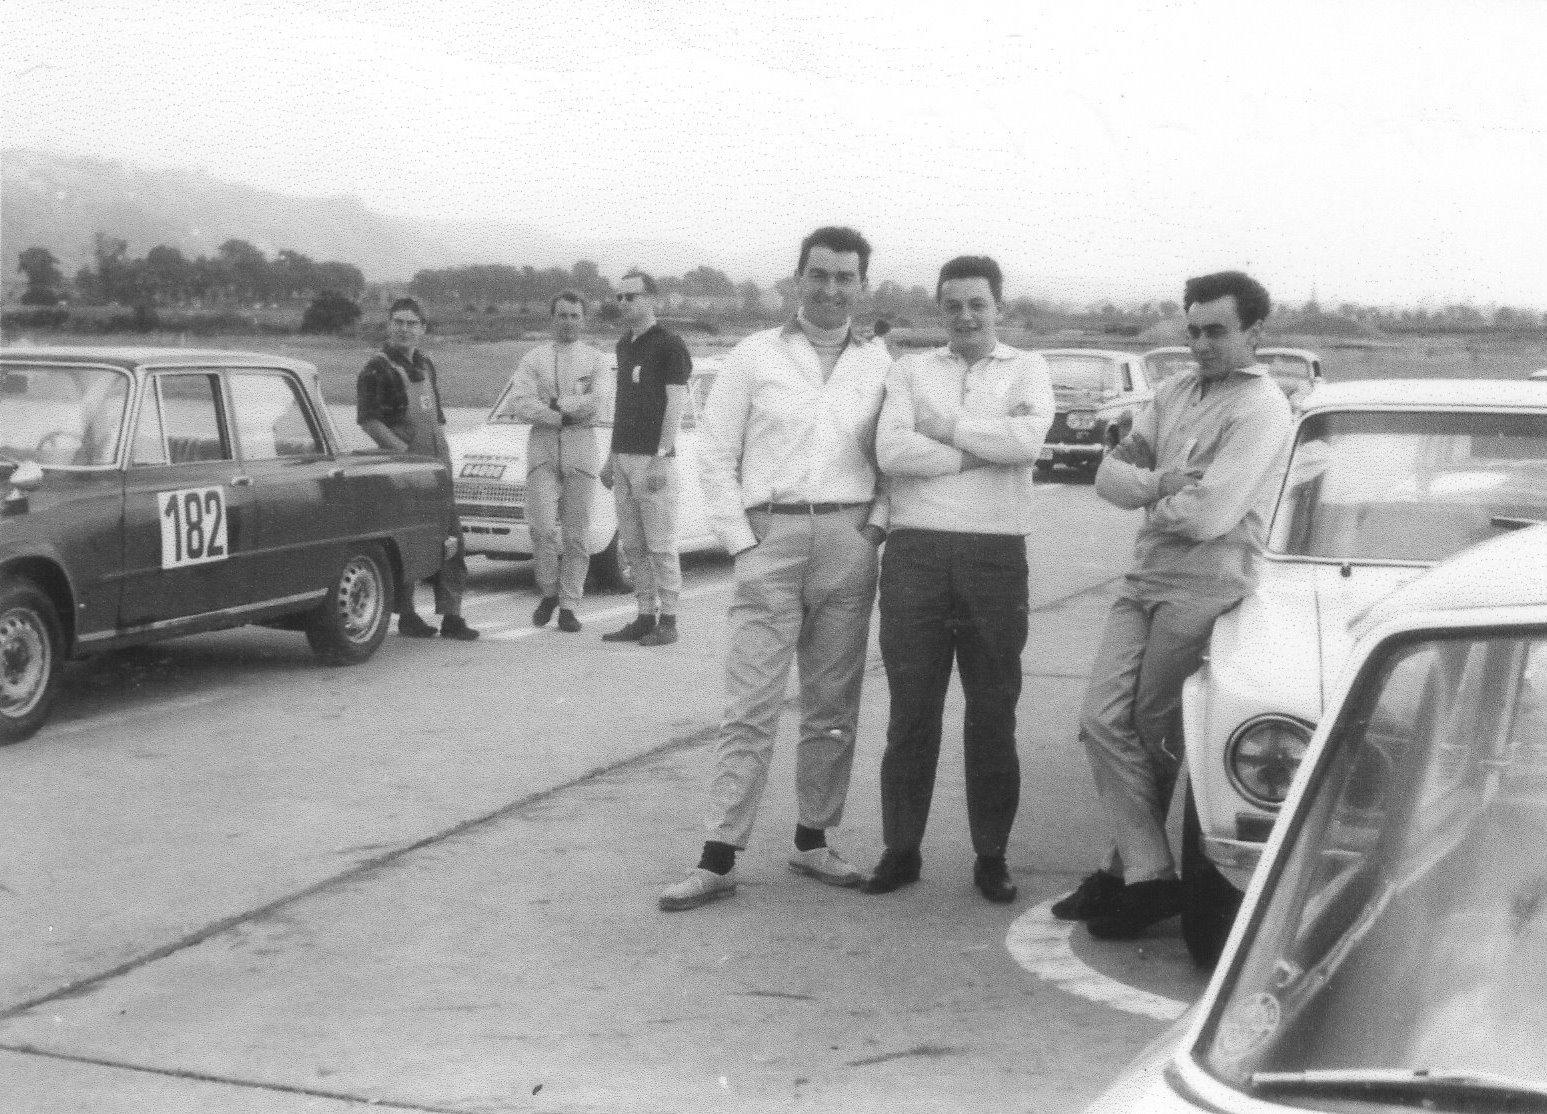 1965 Flugplatz Trier   Michels-Forotti-Kasel